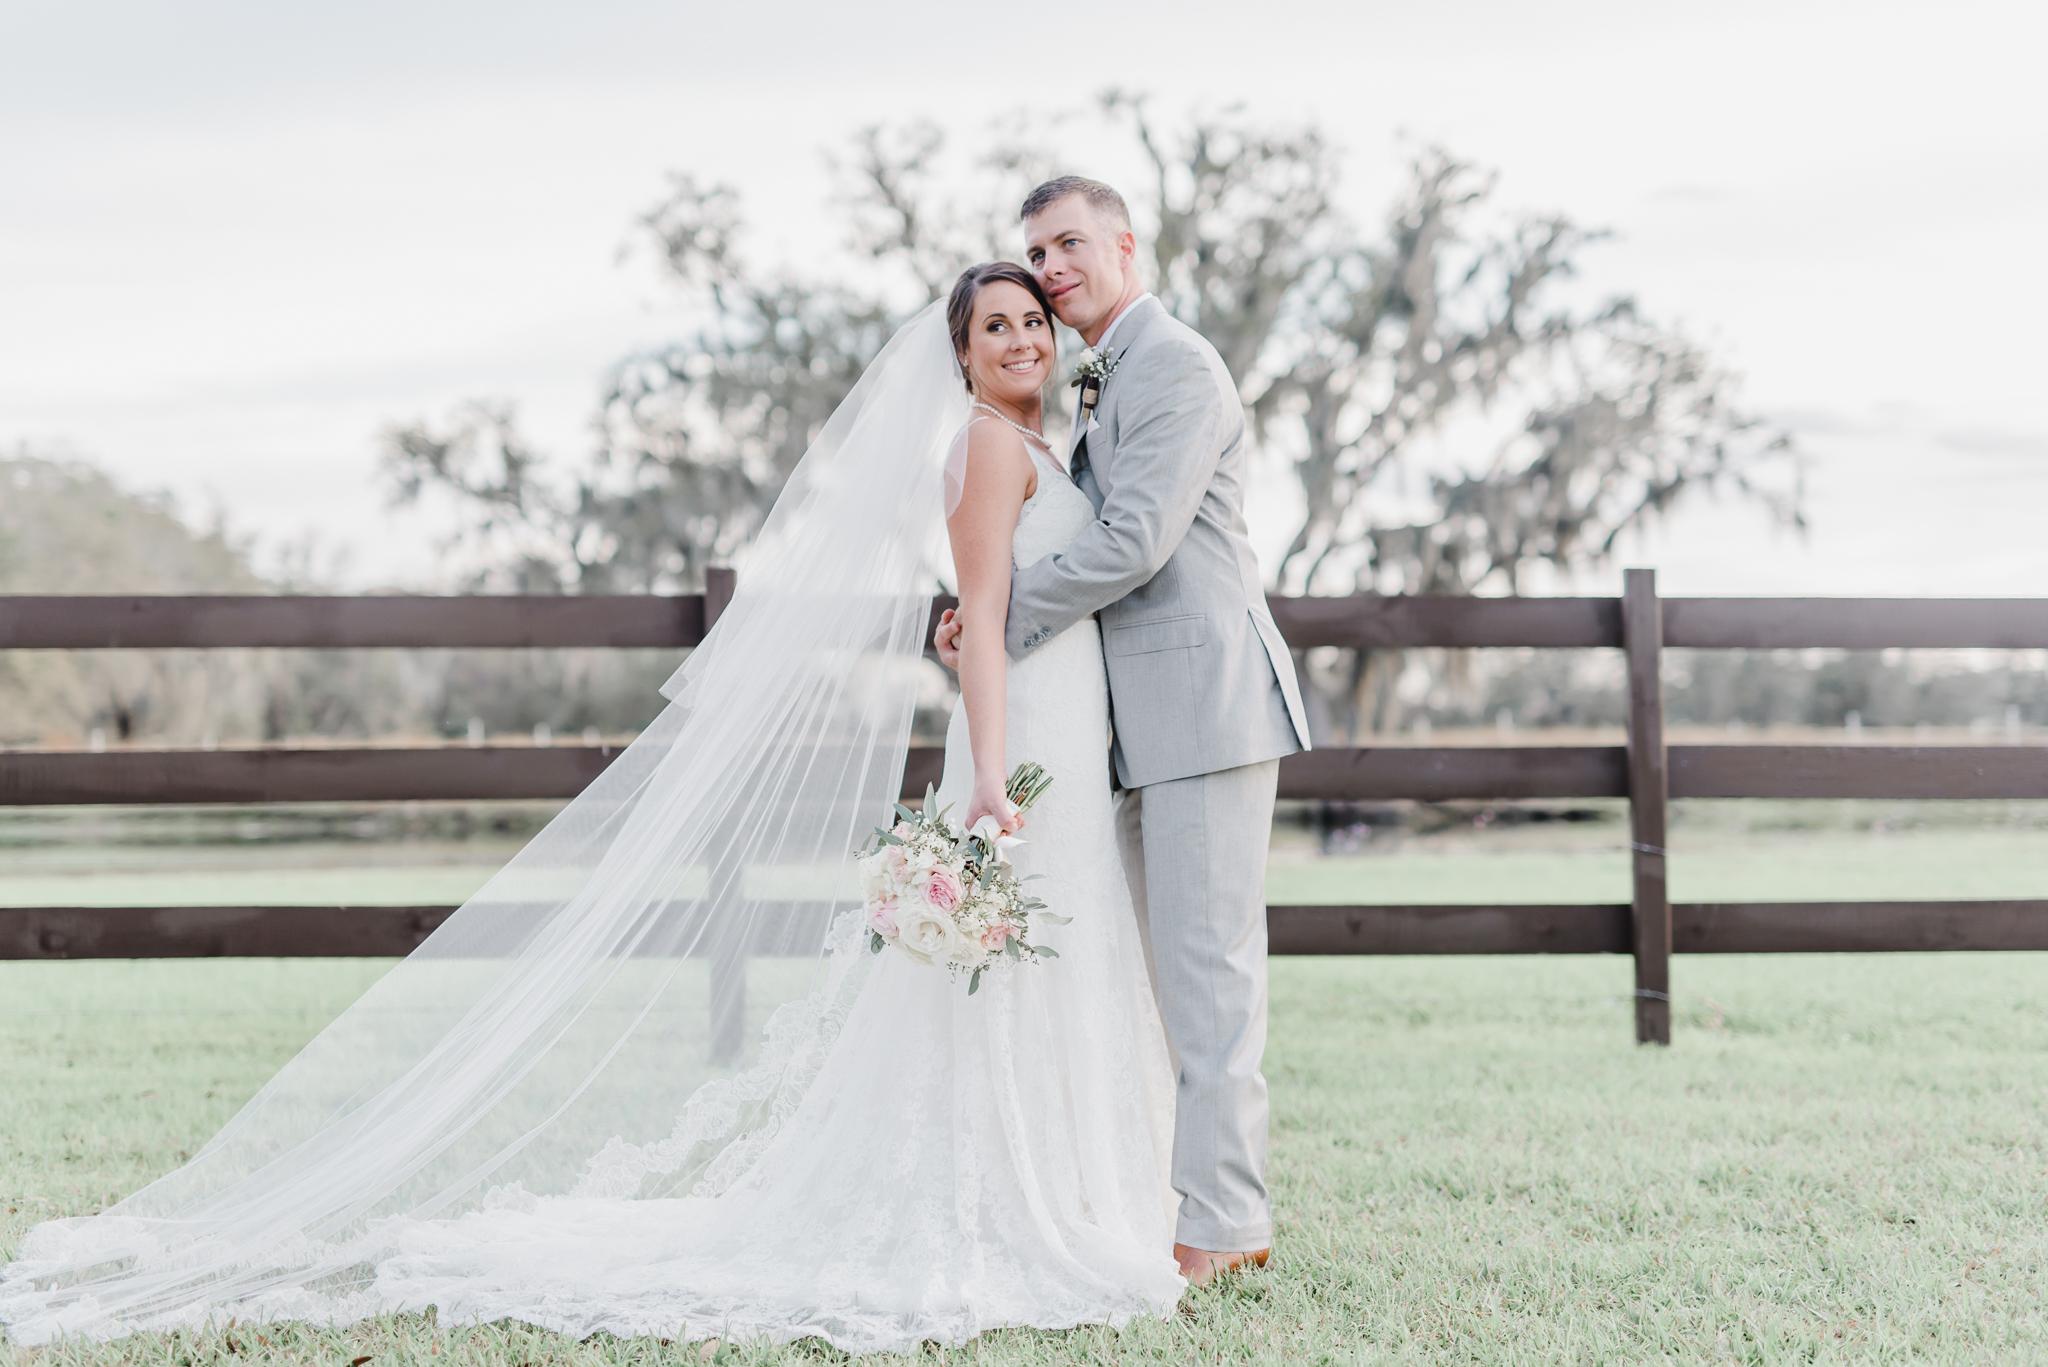 Courtney+Sean Wedding-WG-684.jpg